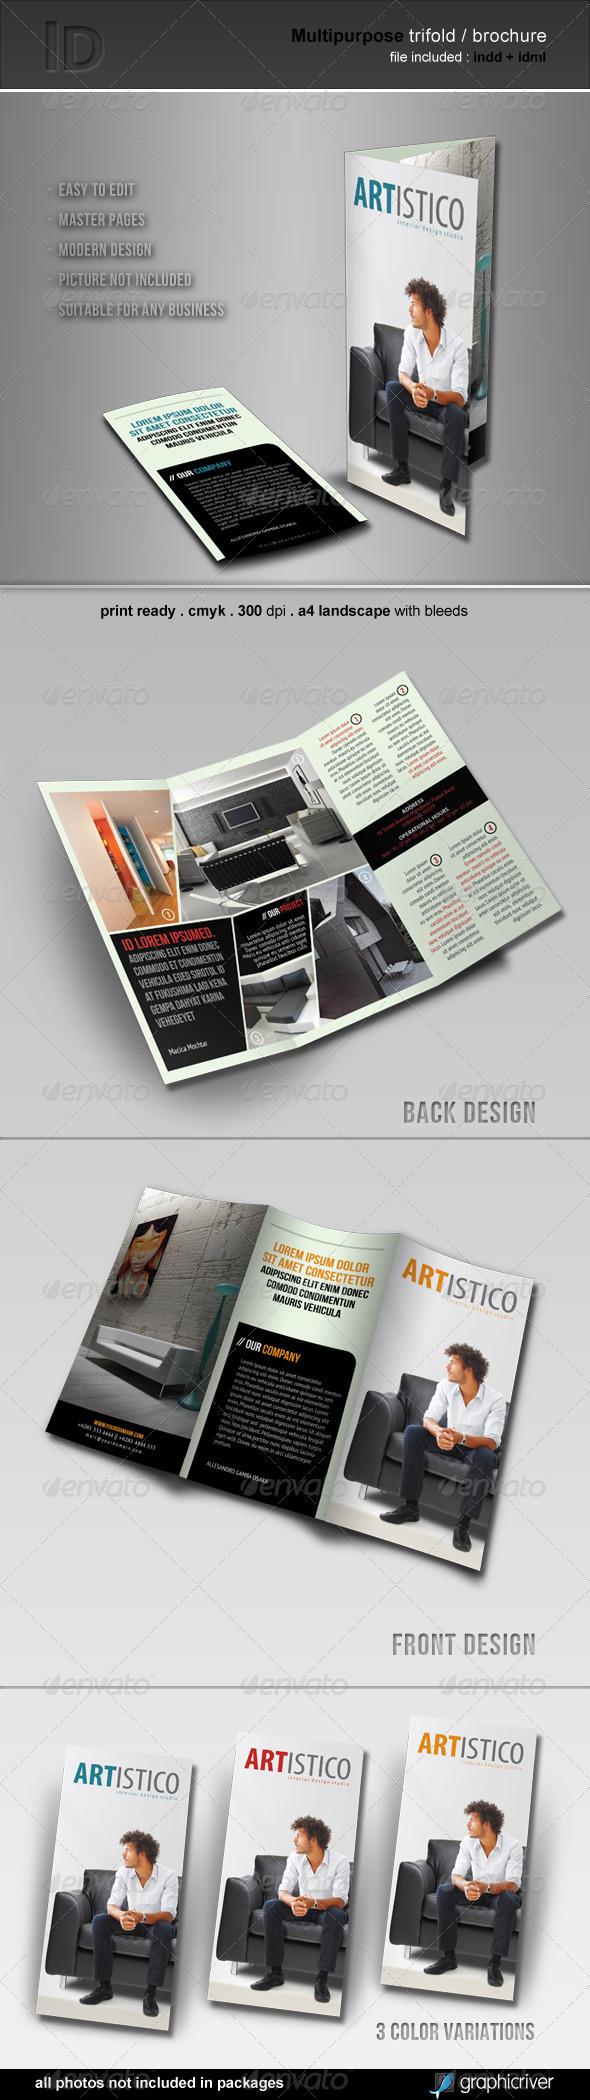 GraphicRiver Multipurpose Trifold Brochure 3361036